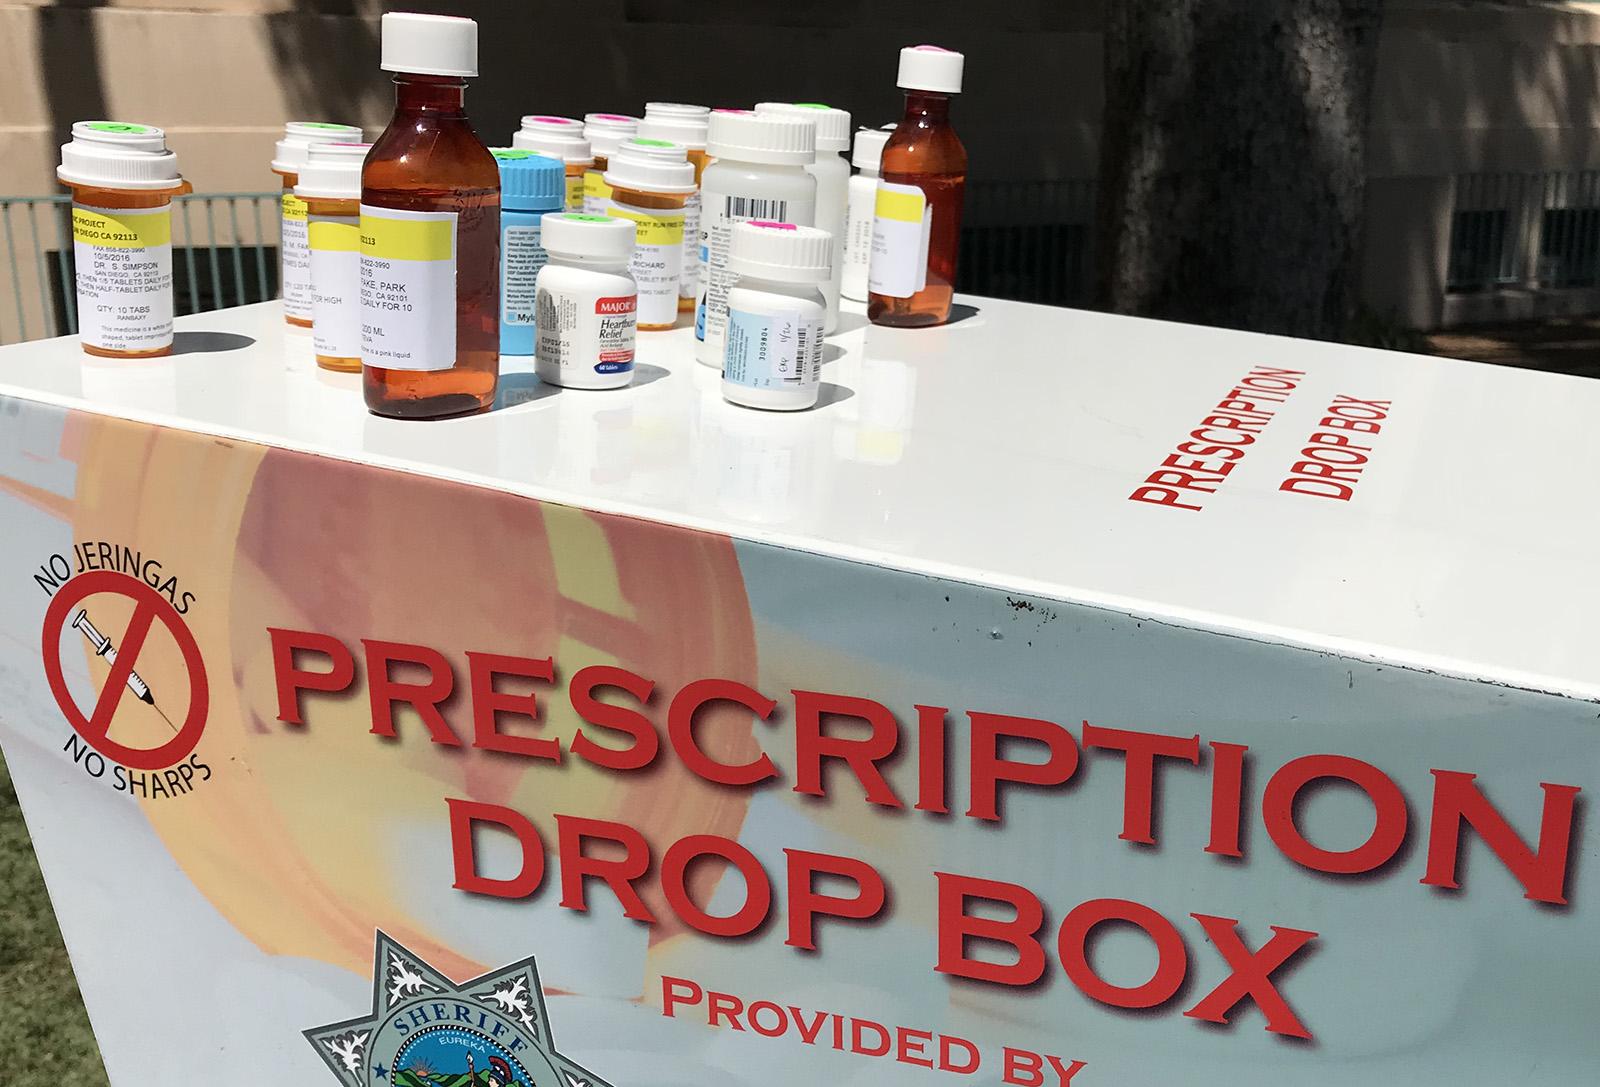 PrescriptionDropBox